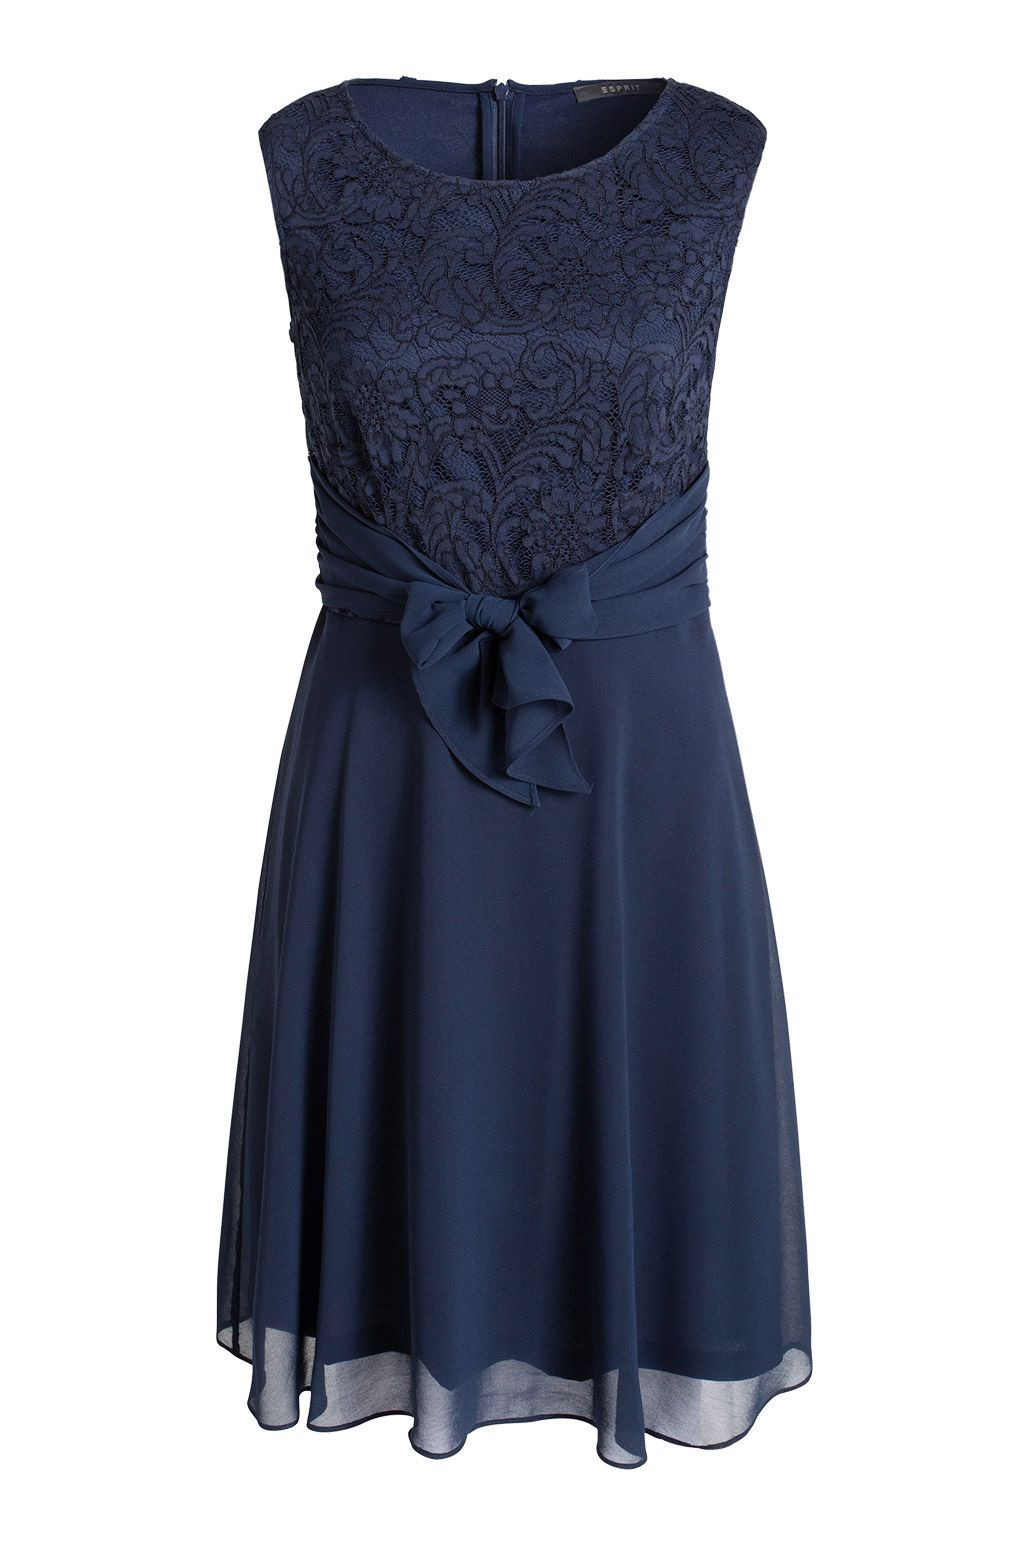 Pin Von Fashion Alert Auf Dress Me Up | Konfirmation Kleider